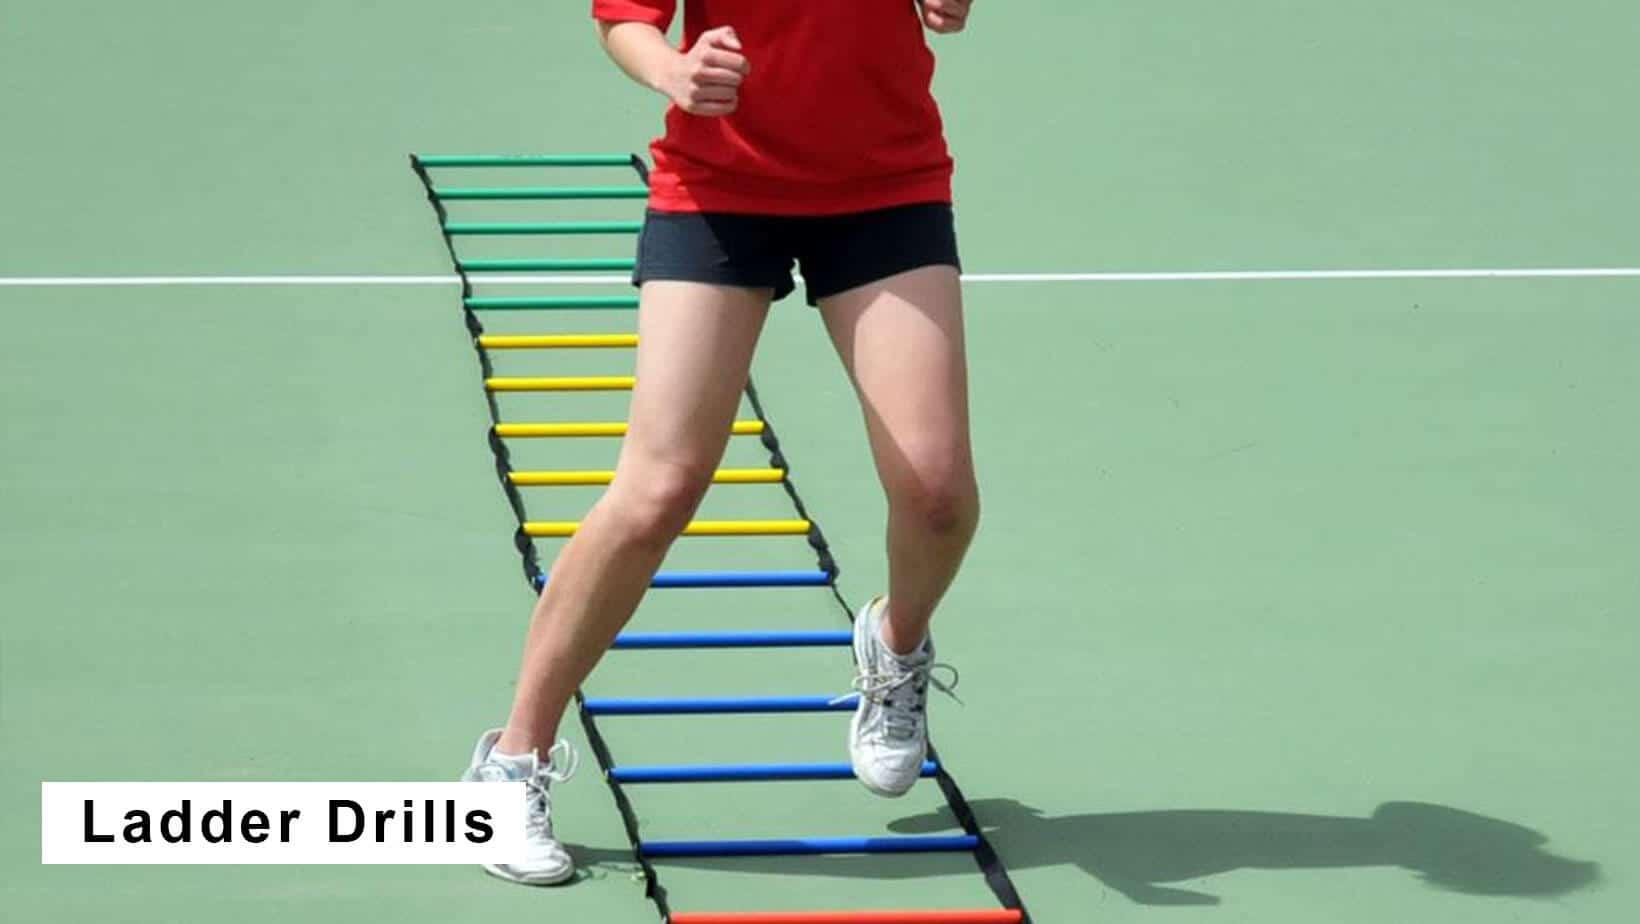 tennis ladder drills